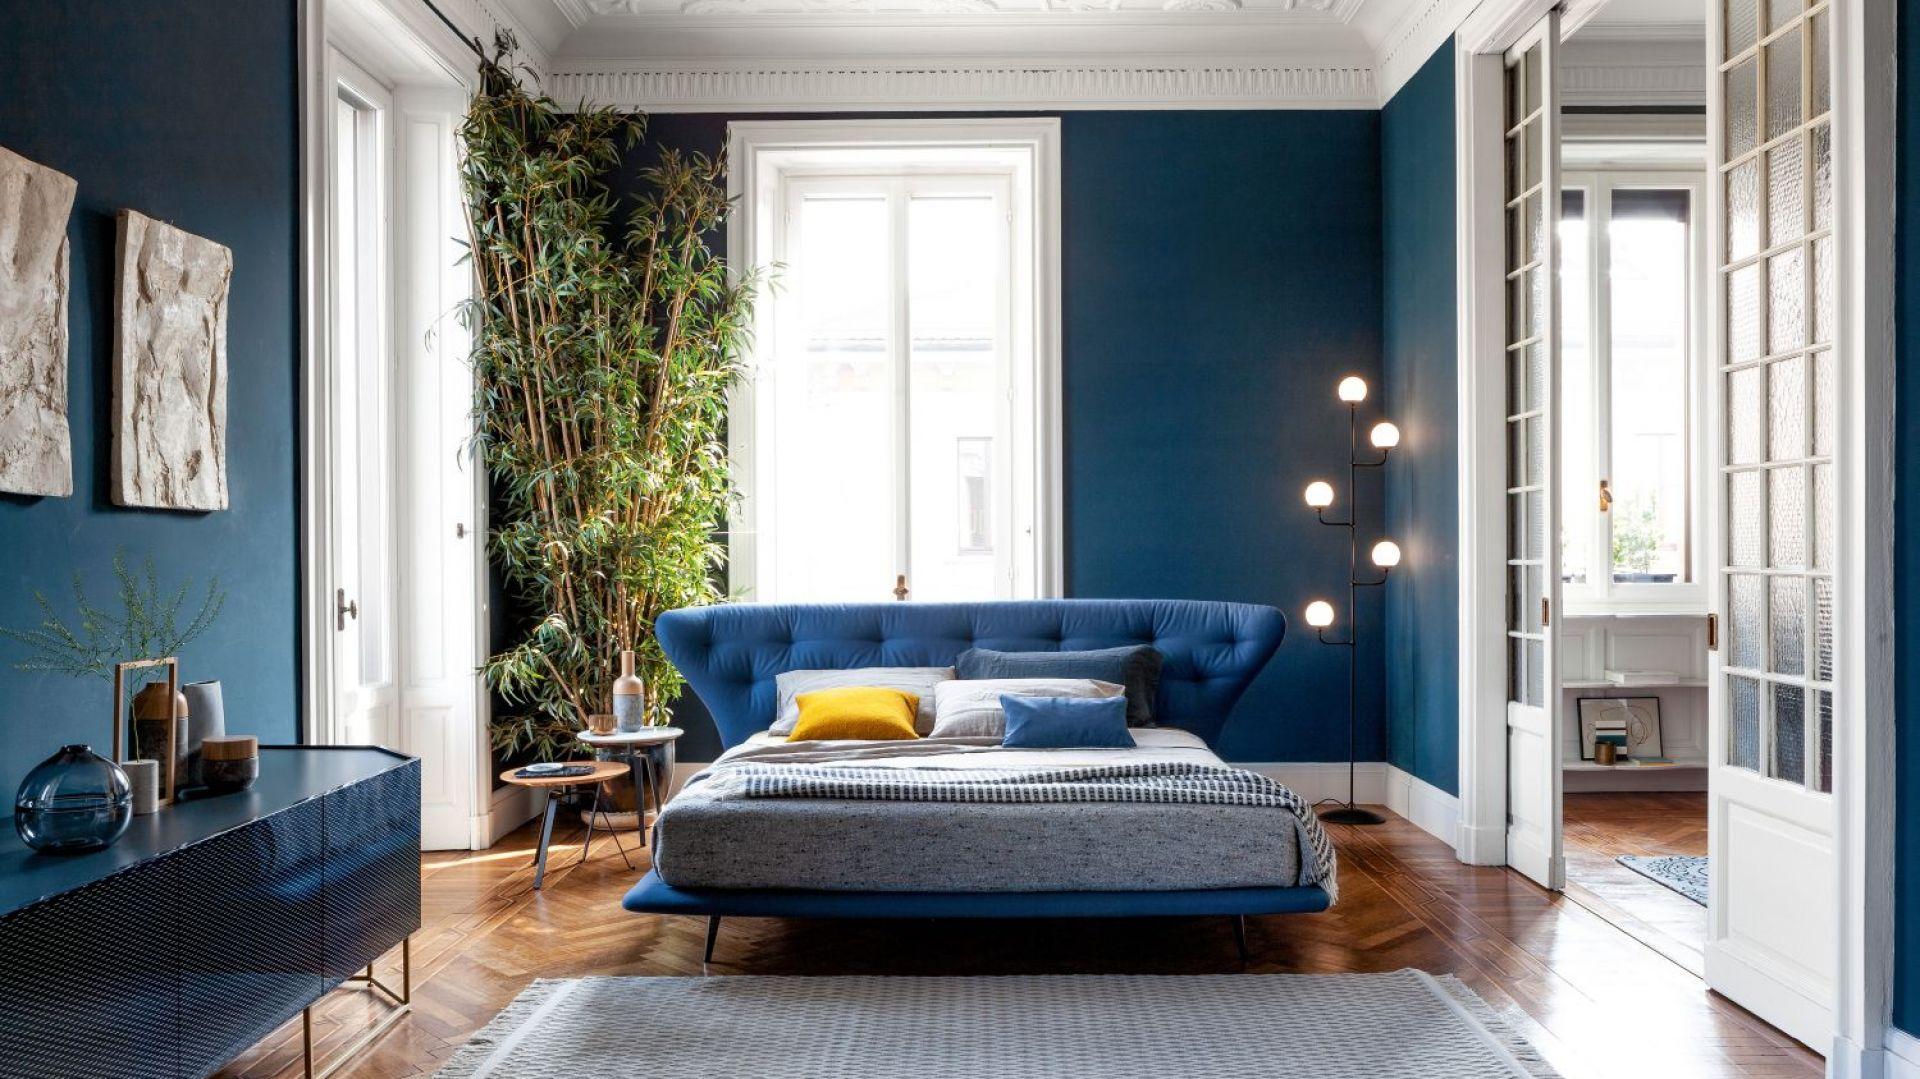 Łóżko Lovy (projekt Sergio Bicego) ma efektowny, pikowany zagłówek. Fot. Bonaldo